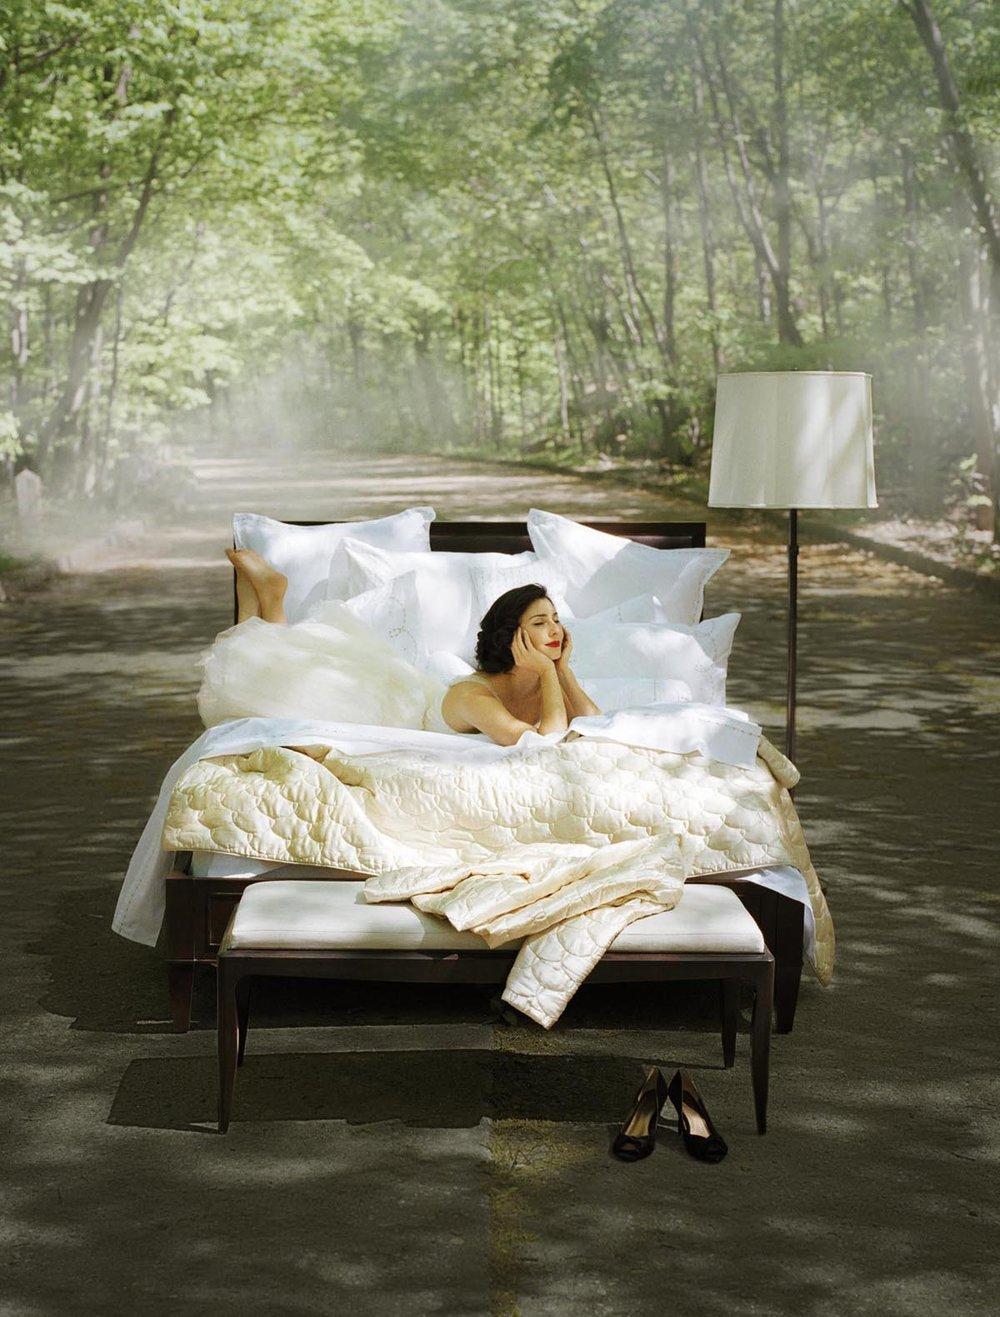 NatlAd_Dream2008_Bed-Lane.jpg